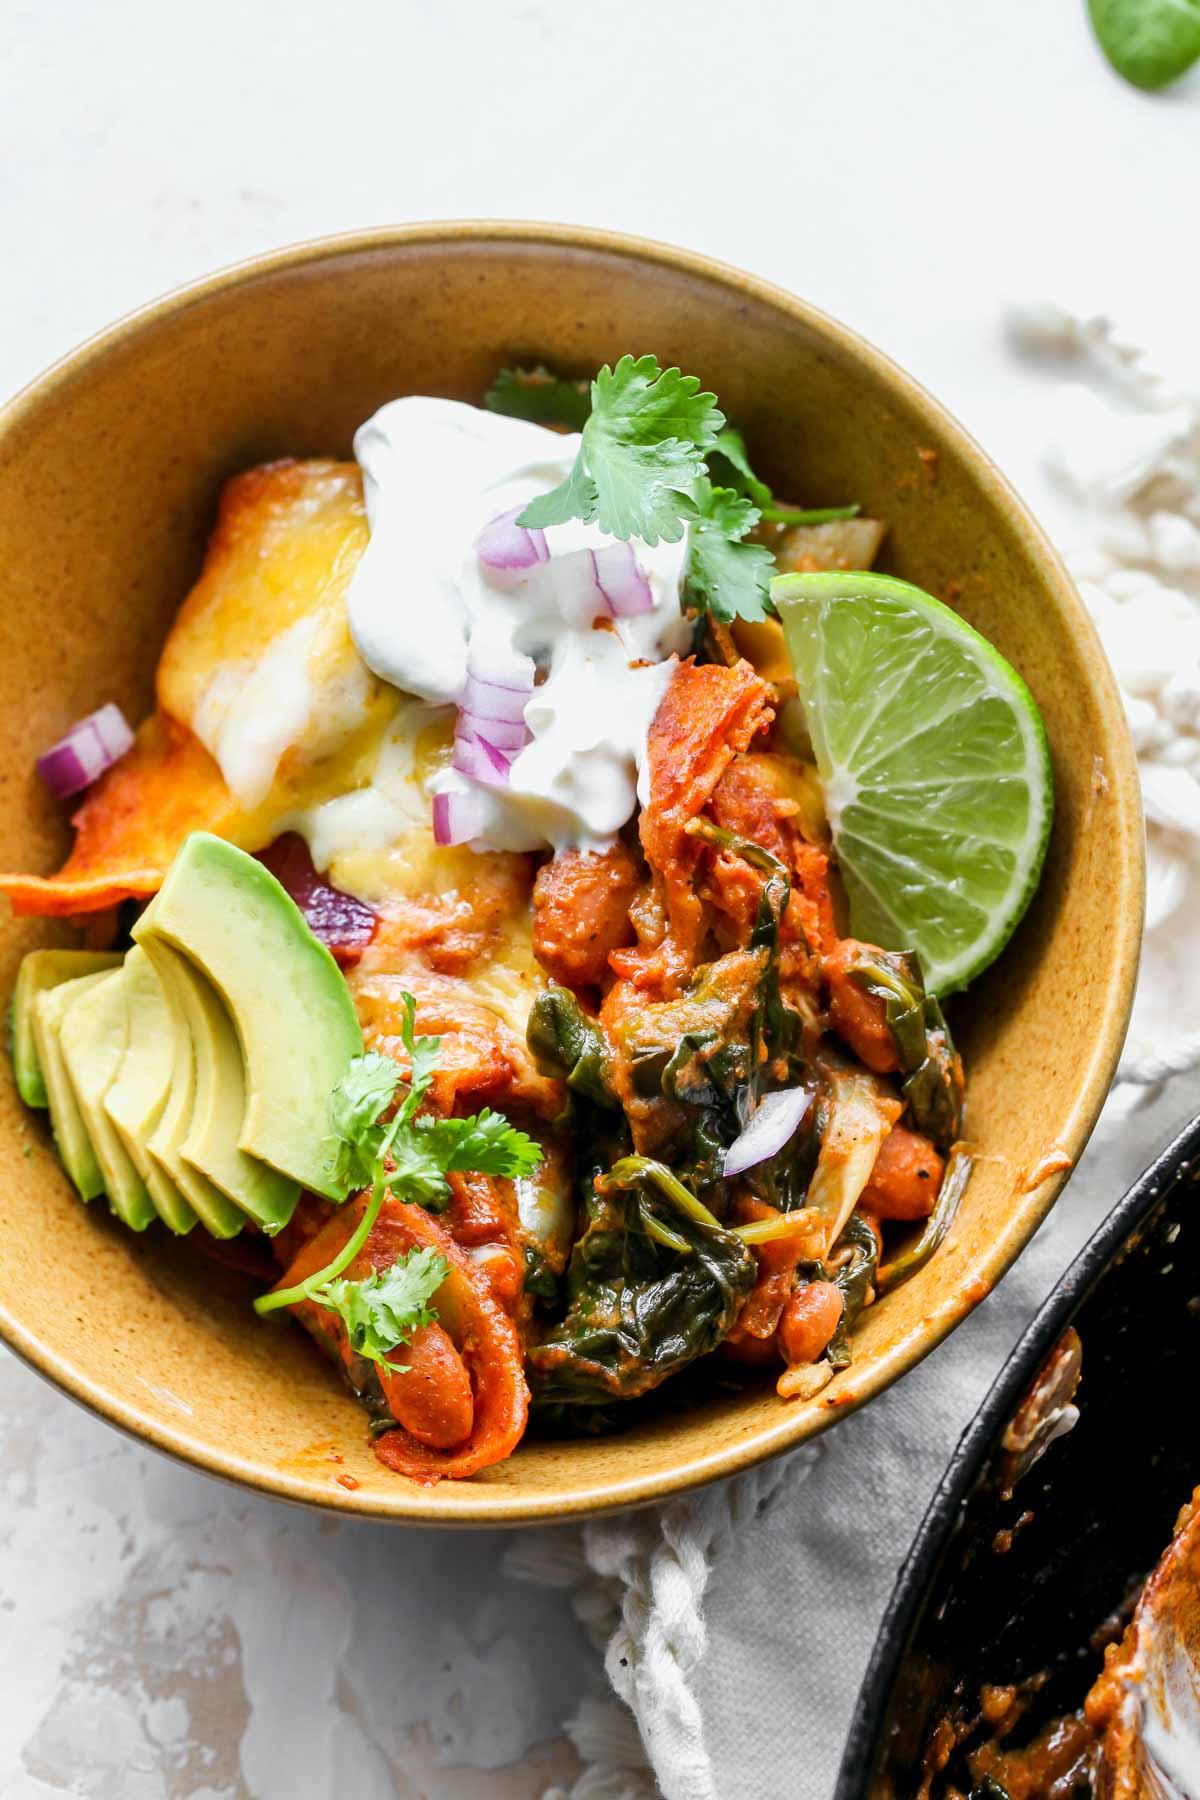 Ekşi krema ve avokado ile süslenmiş altın bir kapta ıspanak ve enginar enchiladas tek porsiyon